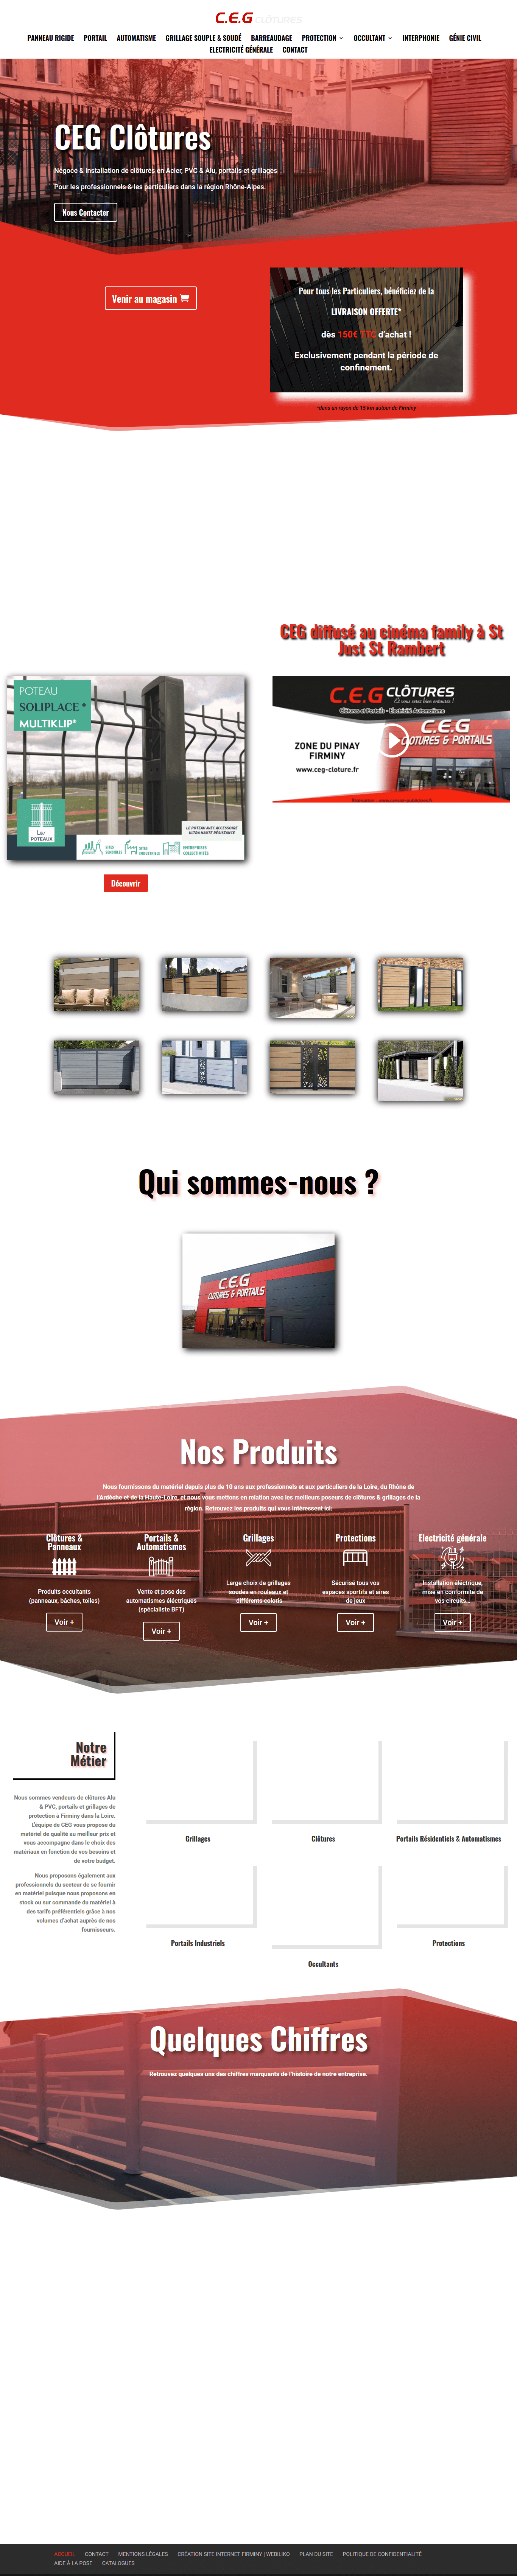 CEG Clôtures Firminy (Loire) Fournisseur grillages & clôtures Rhône A_ - www.ceg-clotures.fr-min